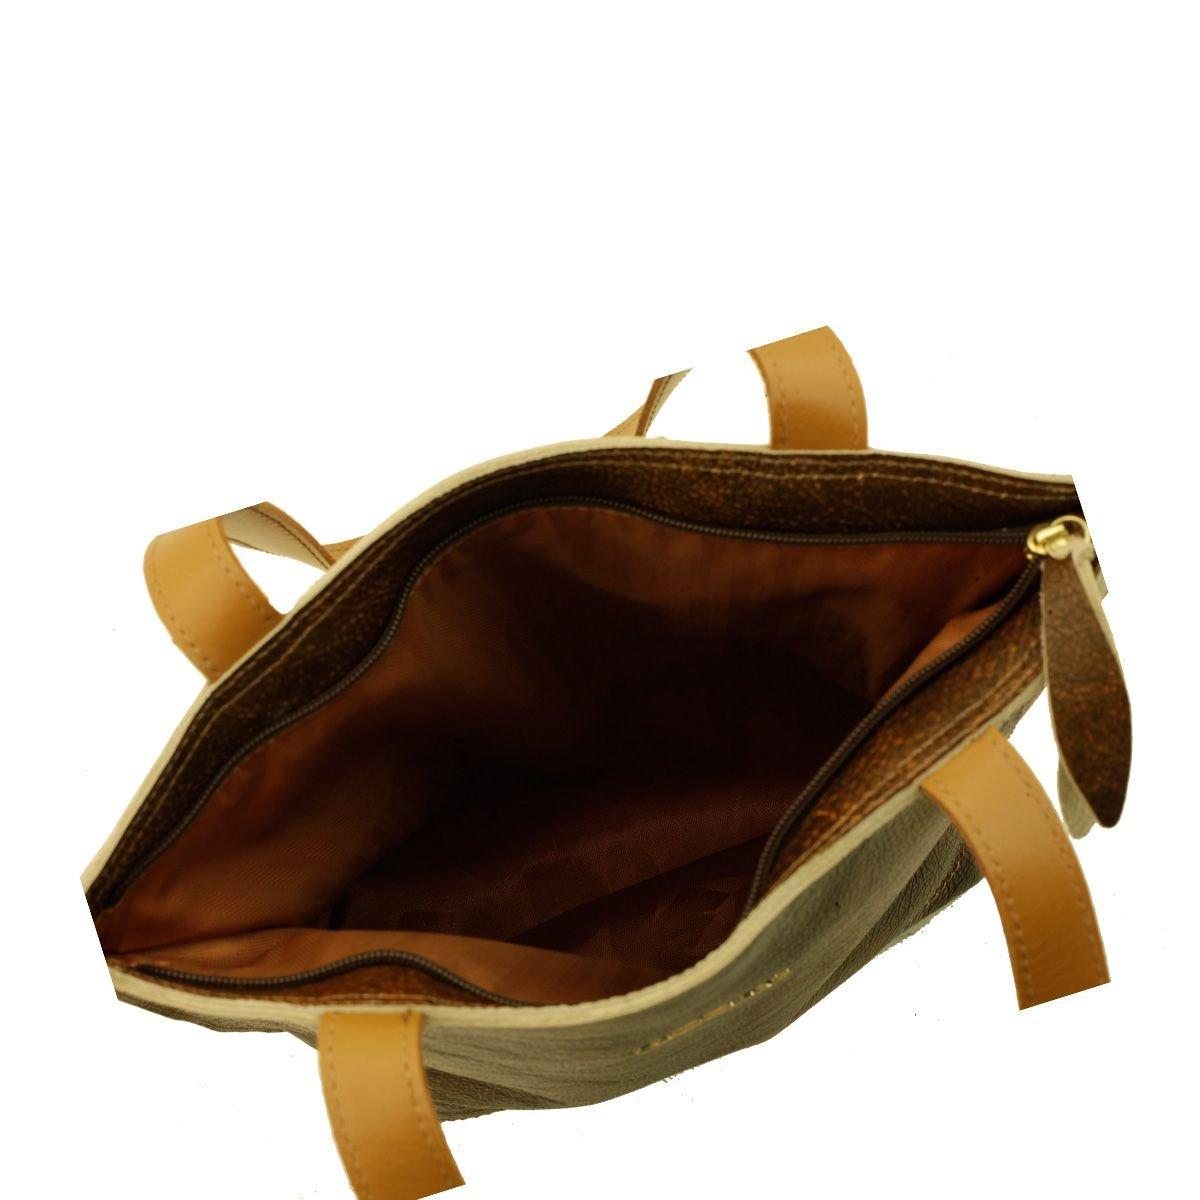 Bolsa Couro Verão Chocolate